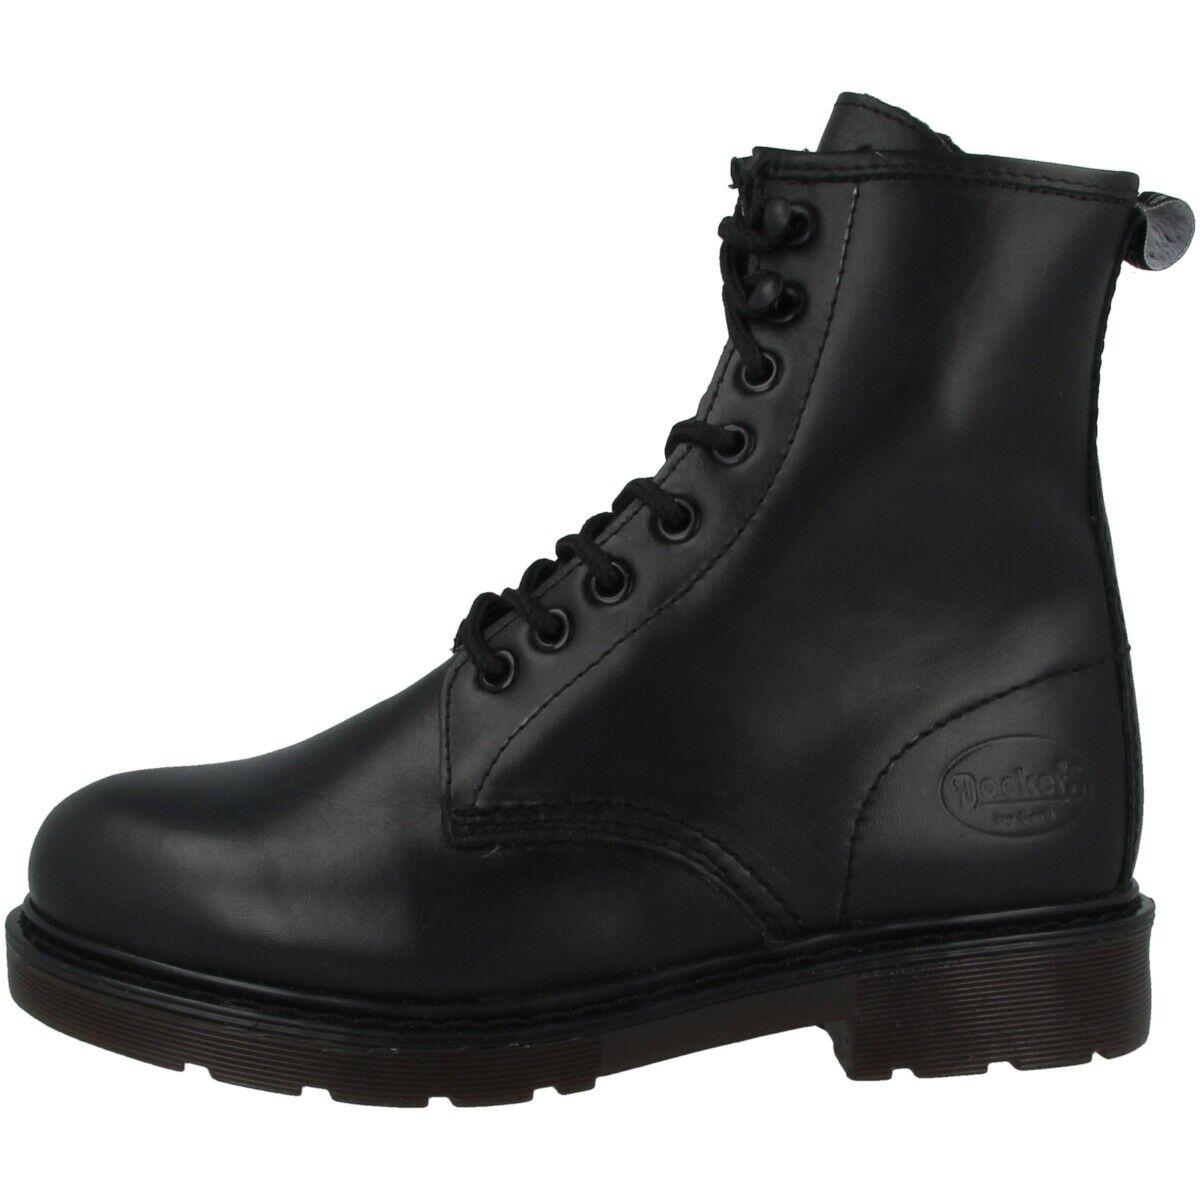 Dockers by Gerli 45EN201 Schuhe Stiefeletten Stiefel Schnürschuhe 45EN201-100100